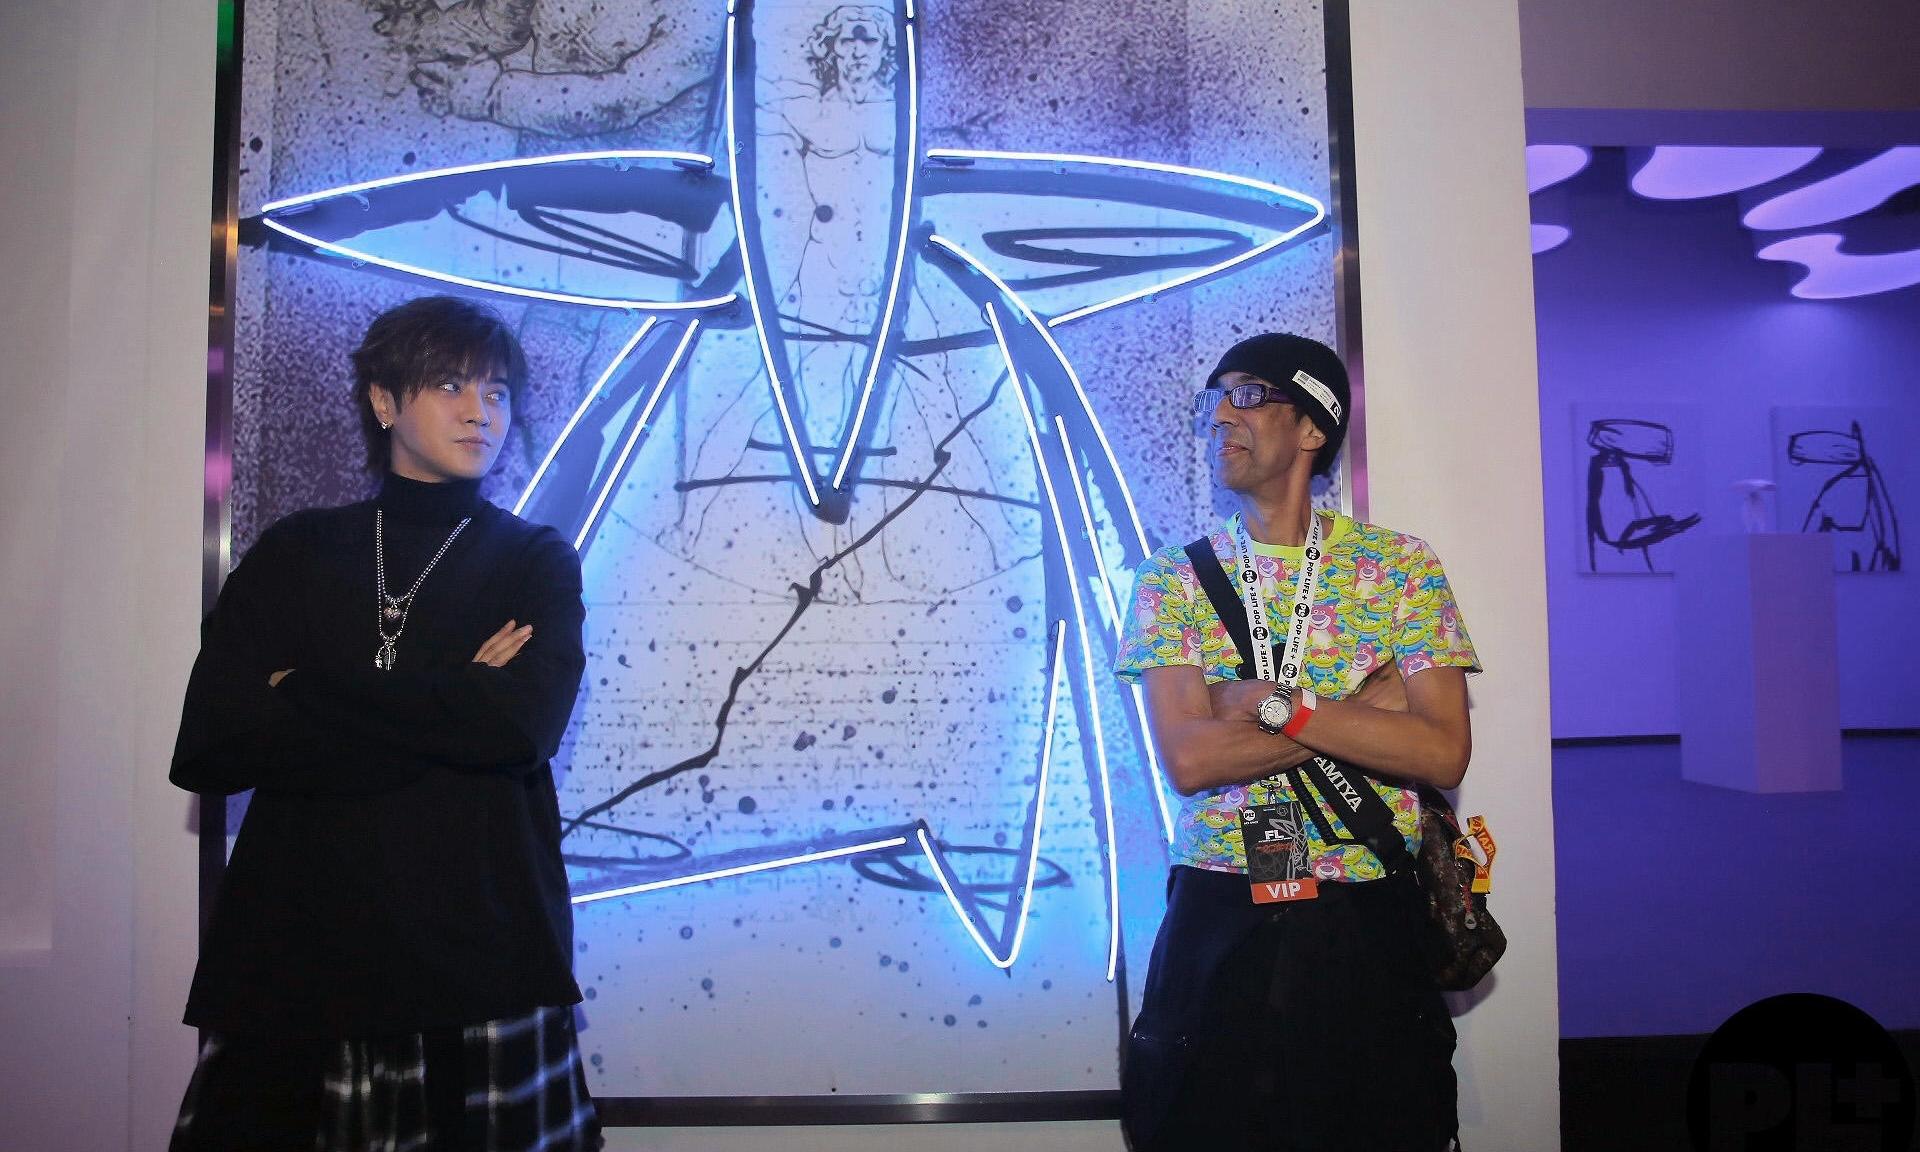 艺术交互体验店「PL+艺术空间」于深圳开幕